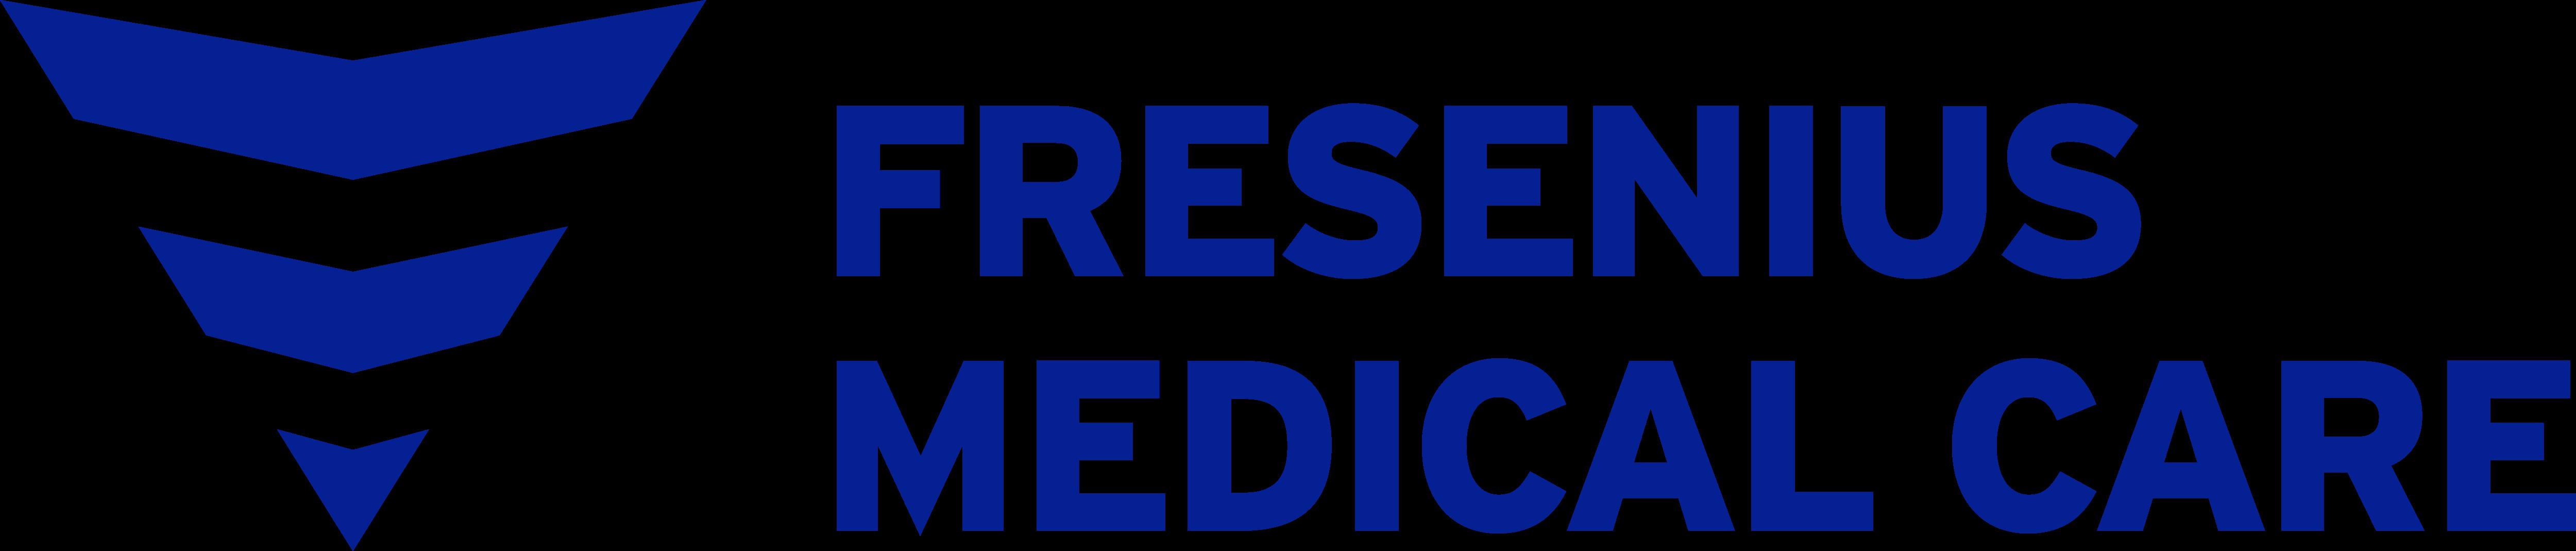 Fresenius Medical Care – Logos Download